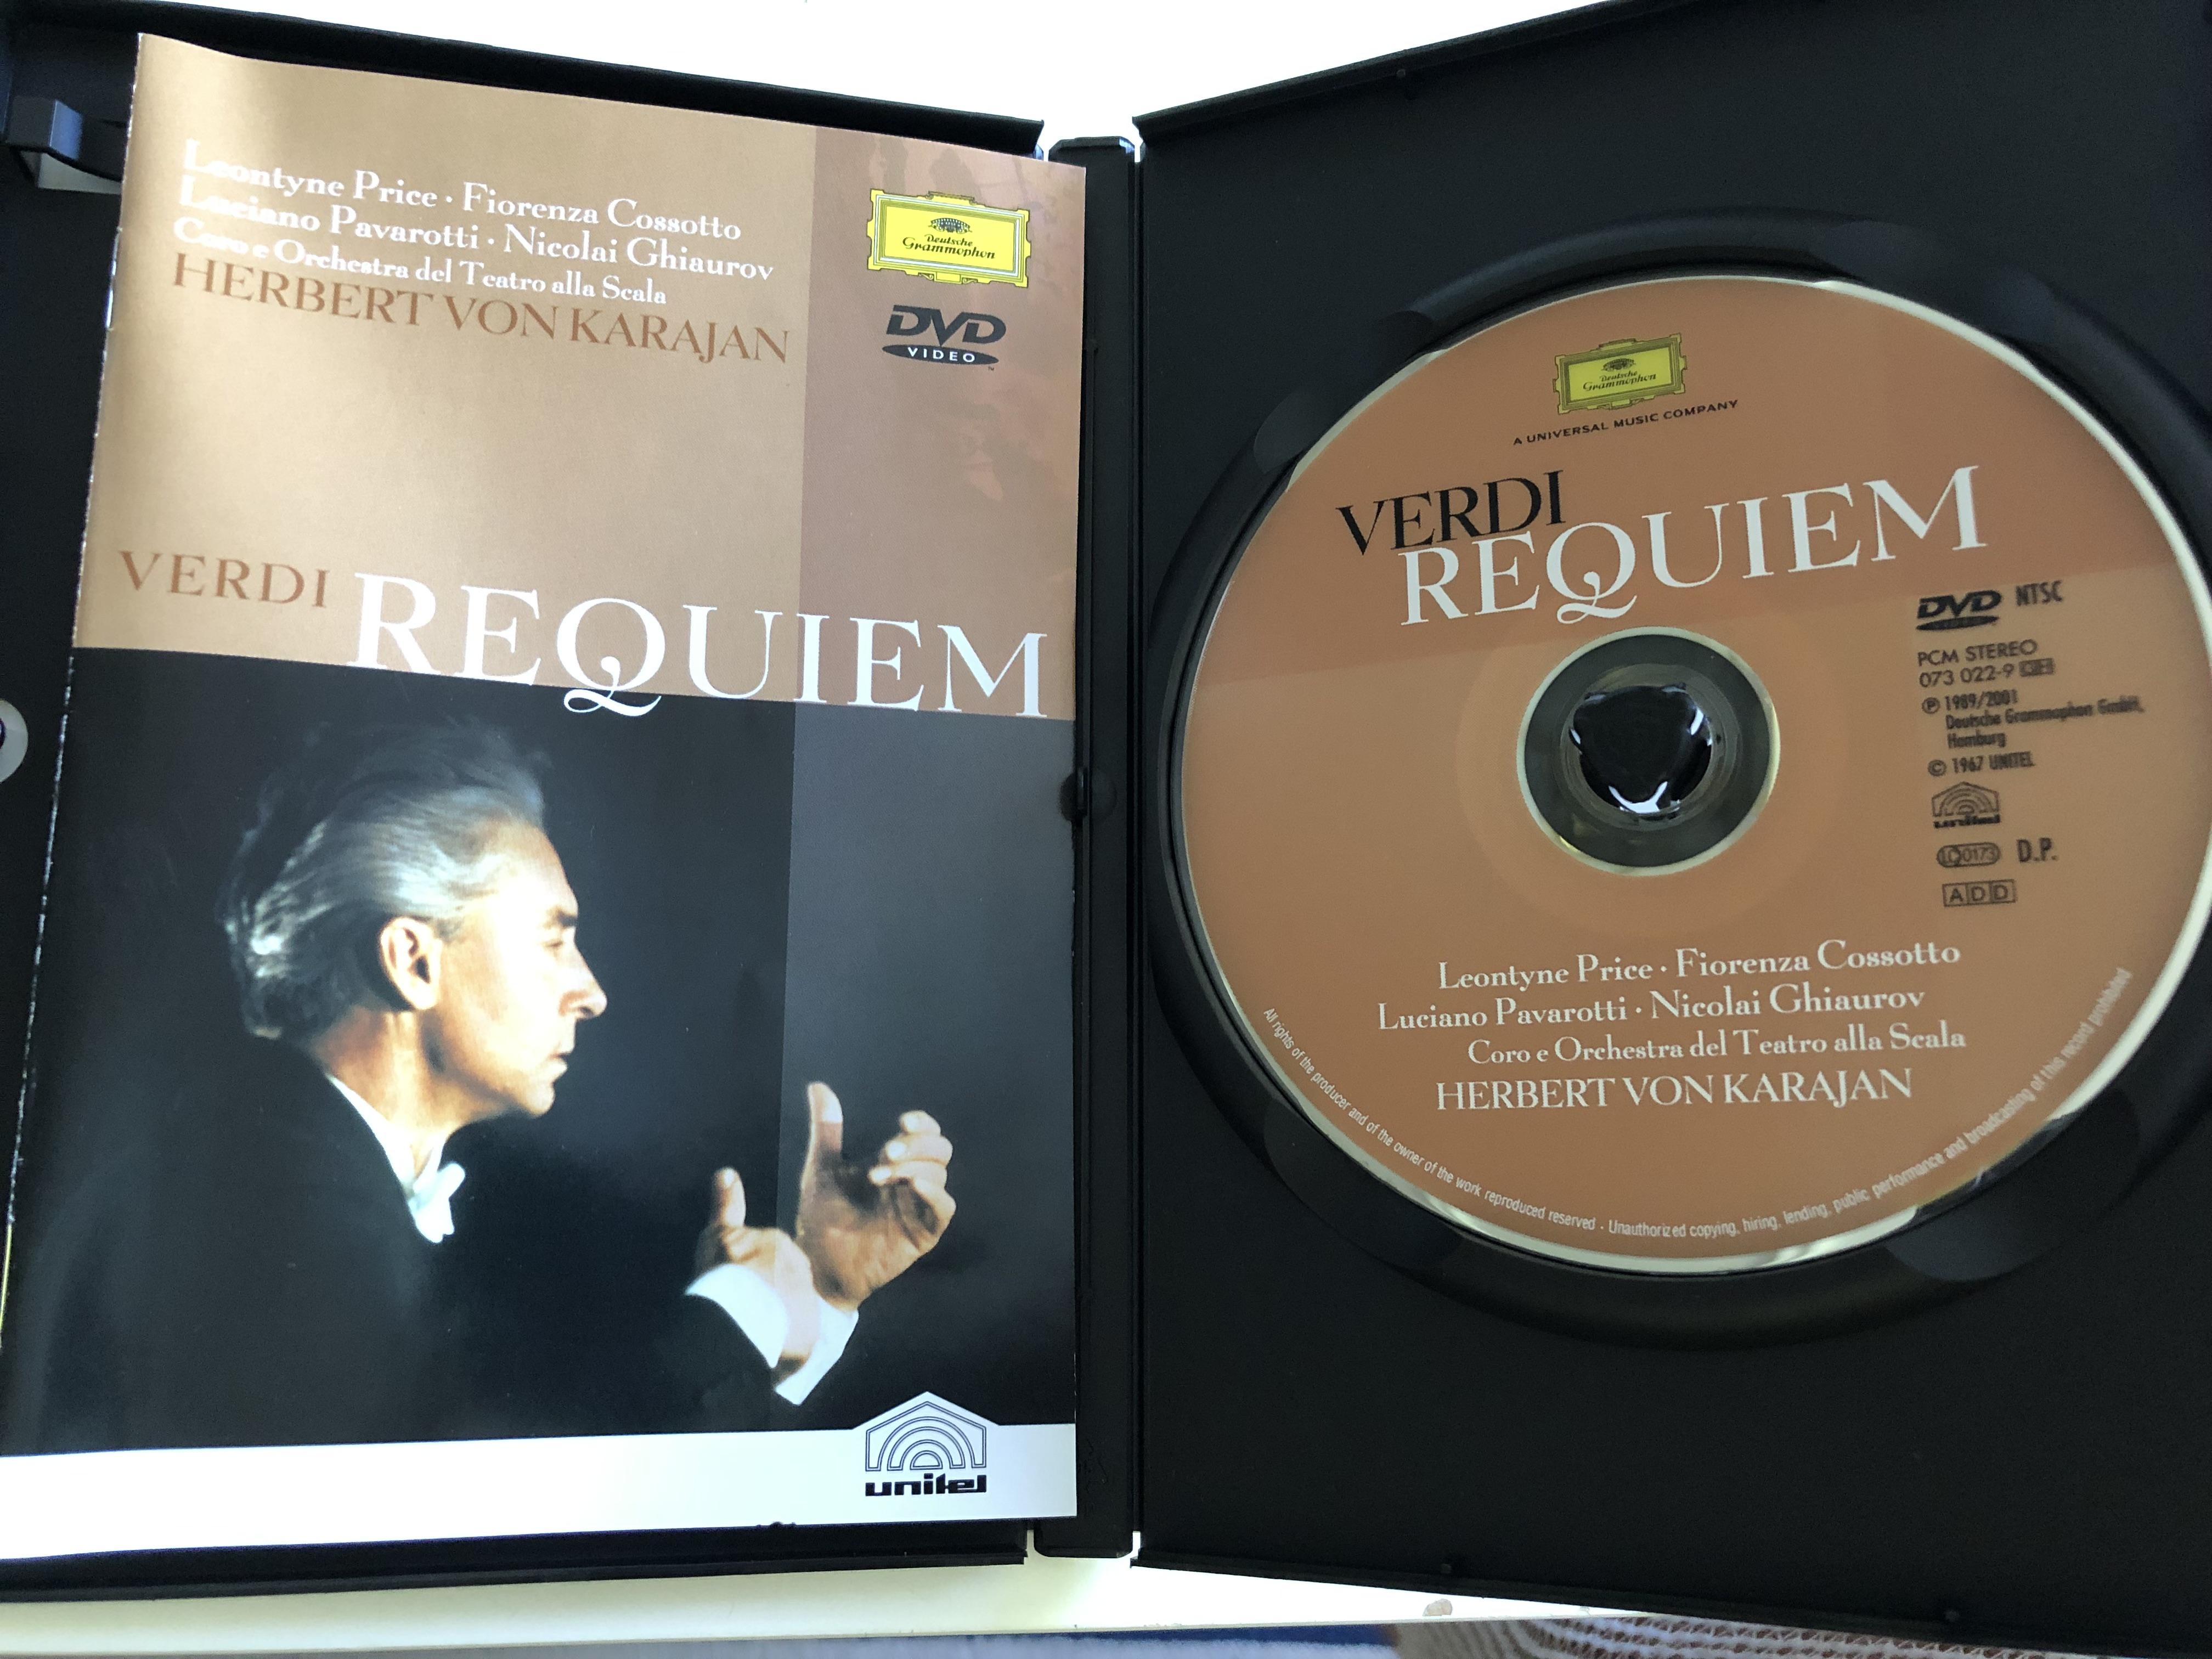 verdi-requiem-leontyne-price-fiorenza-cossotto-luciano-pavarotti-nicolai-ghiaurov-coro-e-orchestra-del-teatro-alla-scala-conducted-by-herbert-von-karajan-3-.jpg